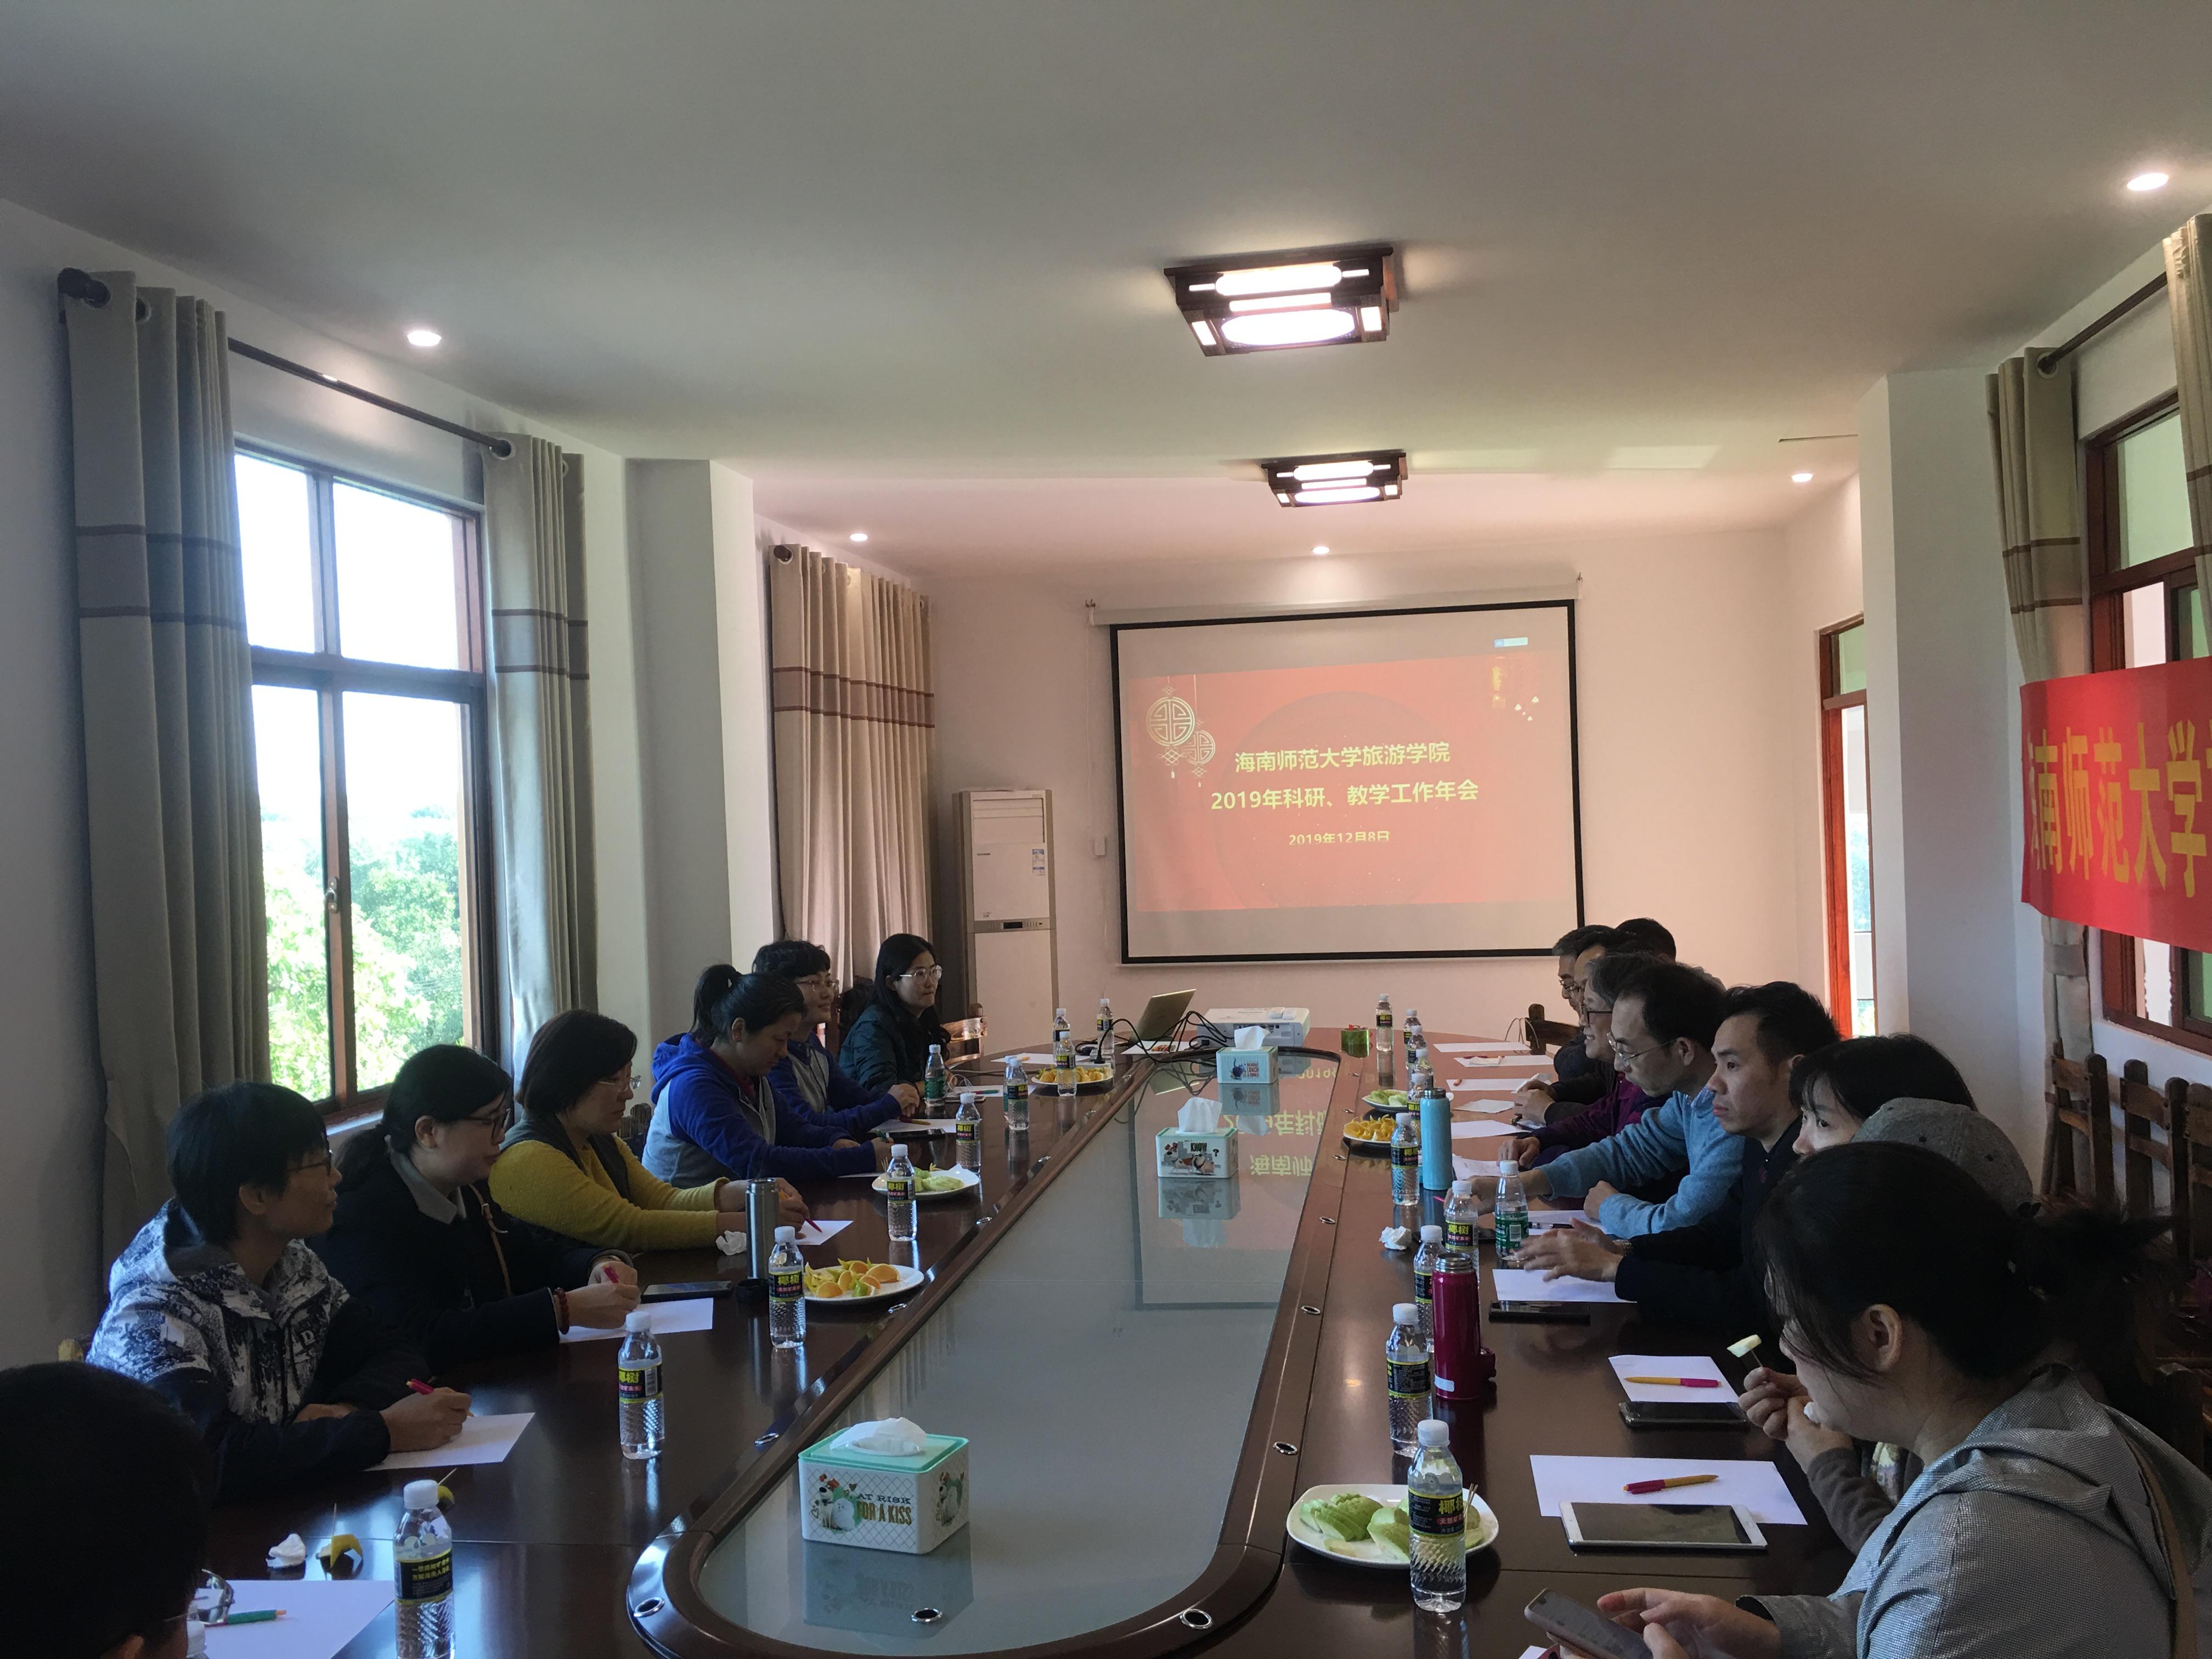 旅游学院举办2019年科研教学工作年会